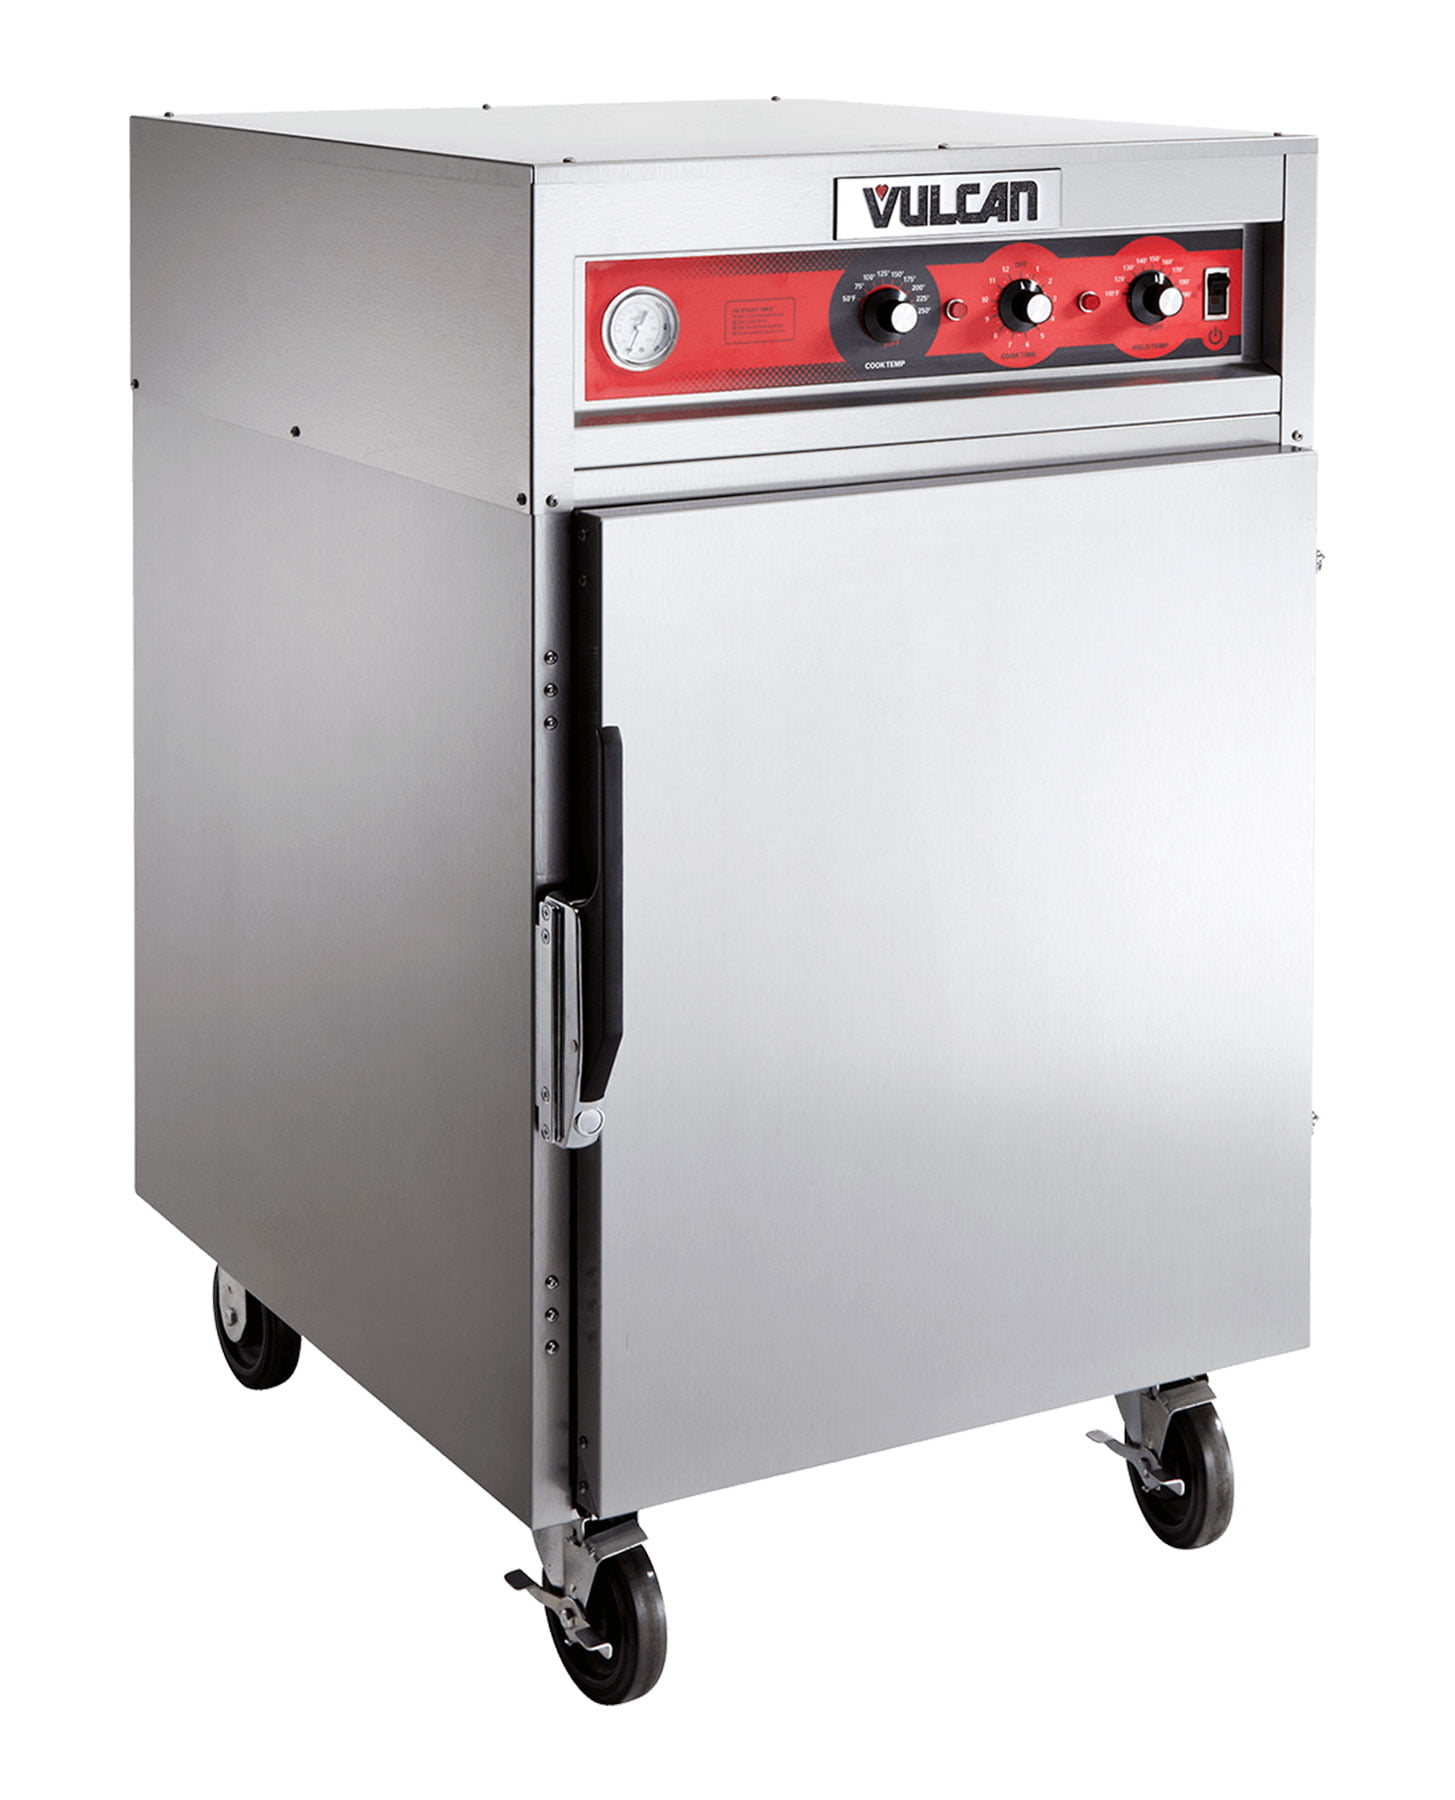 Vulcan-oven